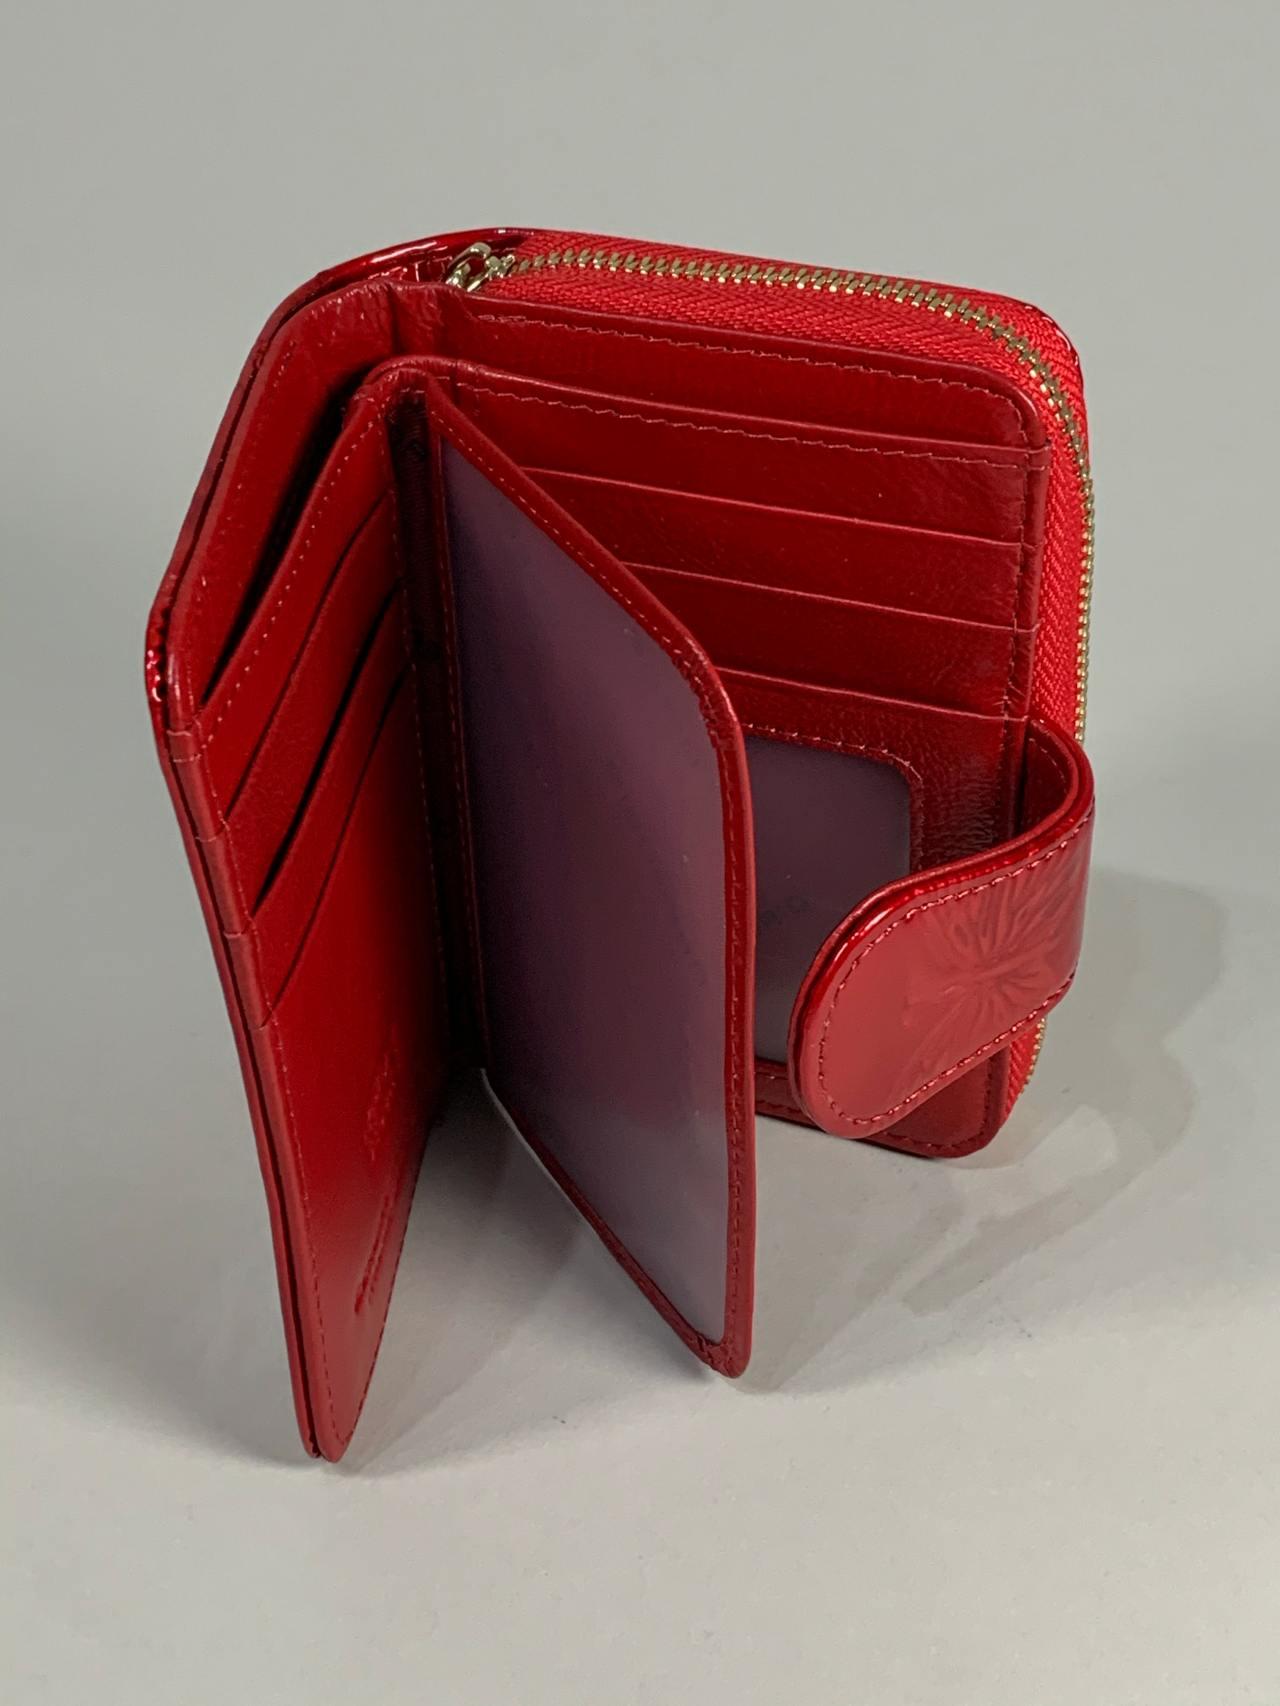 Kožená peněženka Gregorio S červená s motýly -03